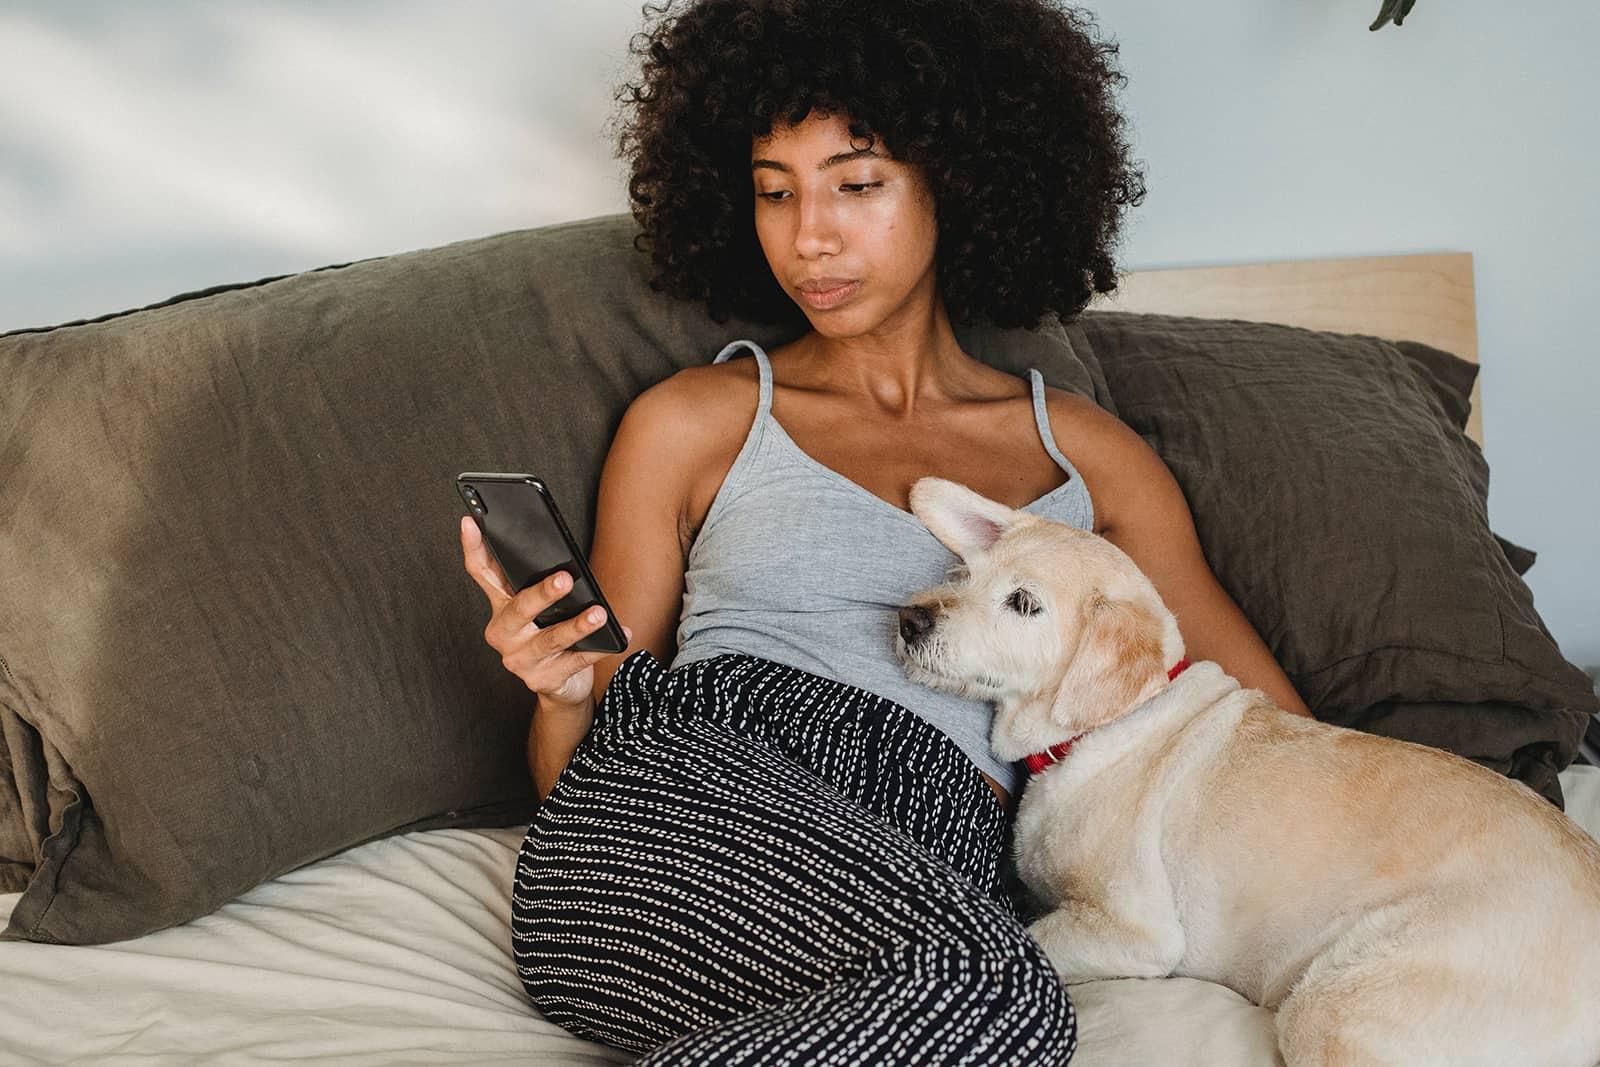 eine Frau, die ihr Smartphone überprüft, während sie mit einem Hund auf der Couch sitzt